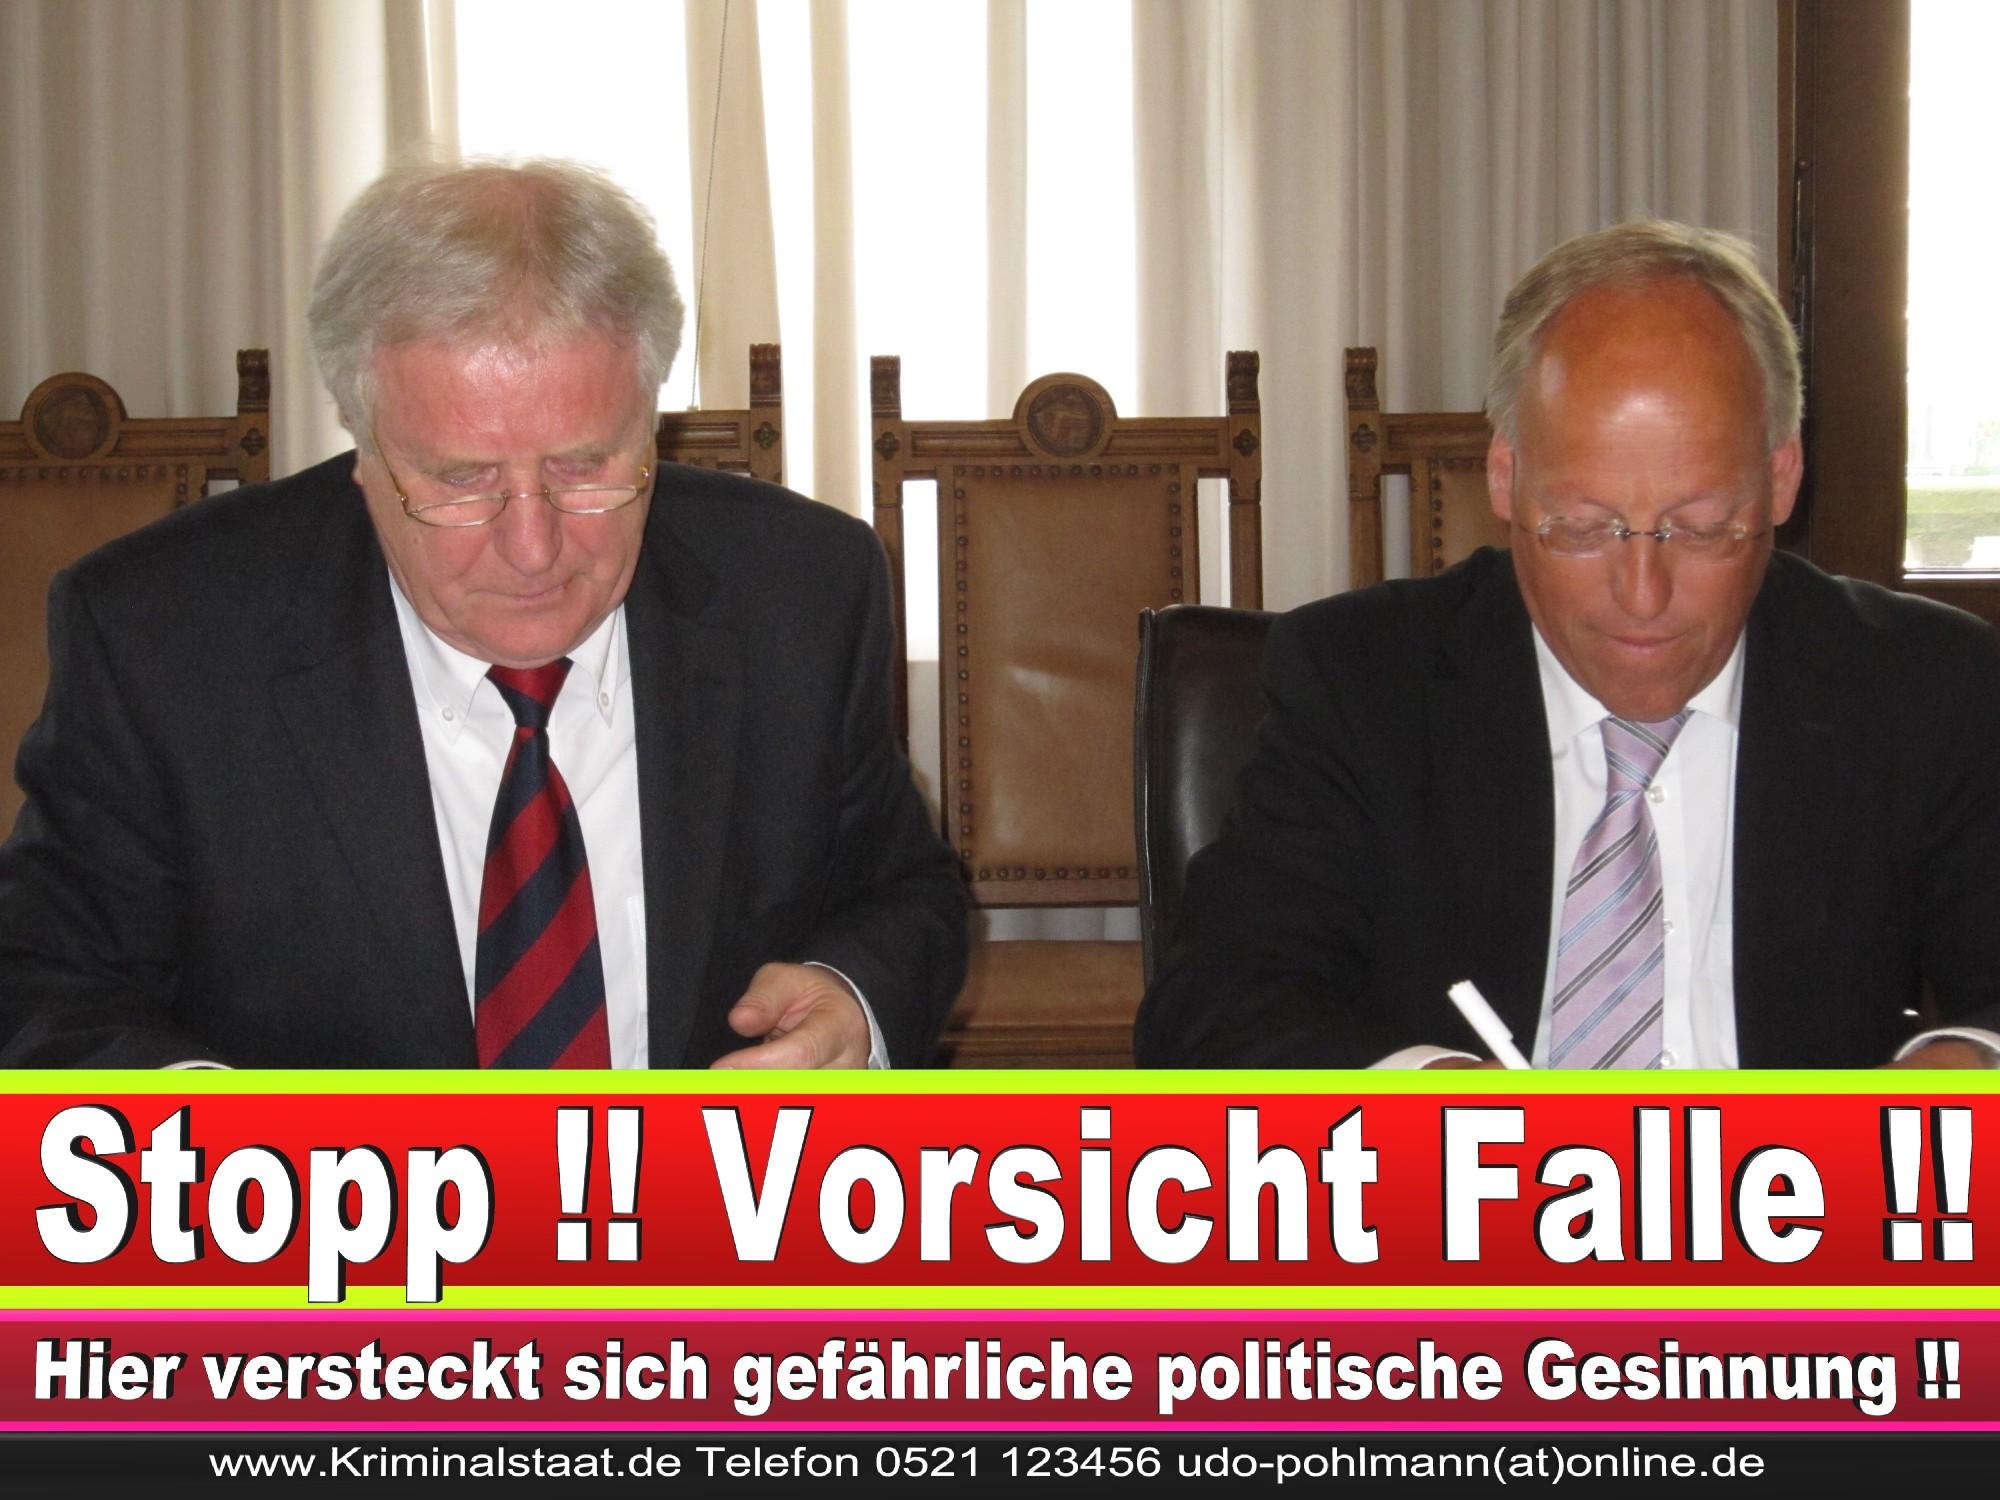 Polizeipräsident Erwin Südfeld Bielefeld Oberbürgermeister Bürgermeister Peter Clausen Pit Clausen Bielefeld (6)